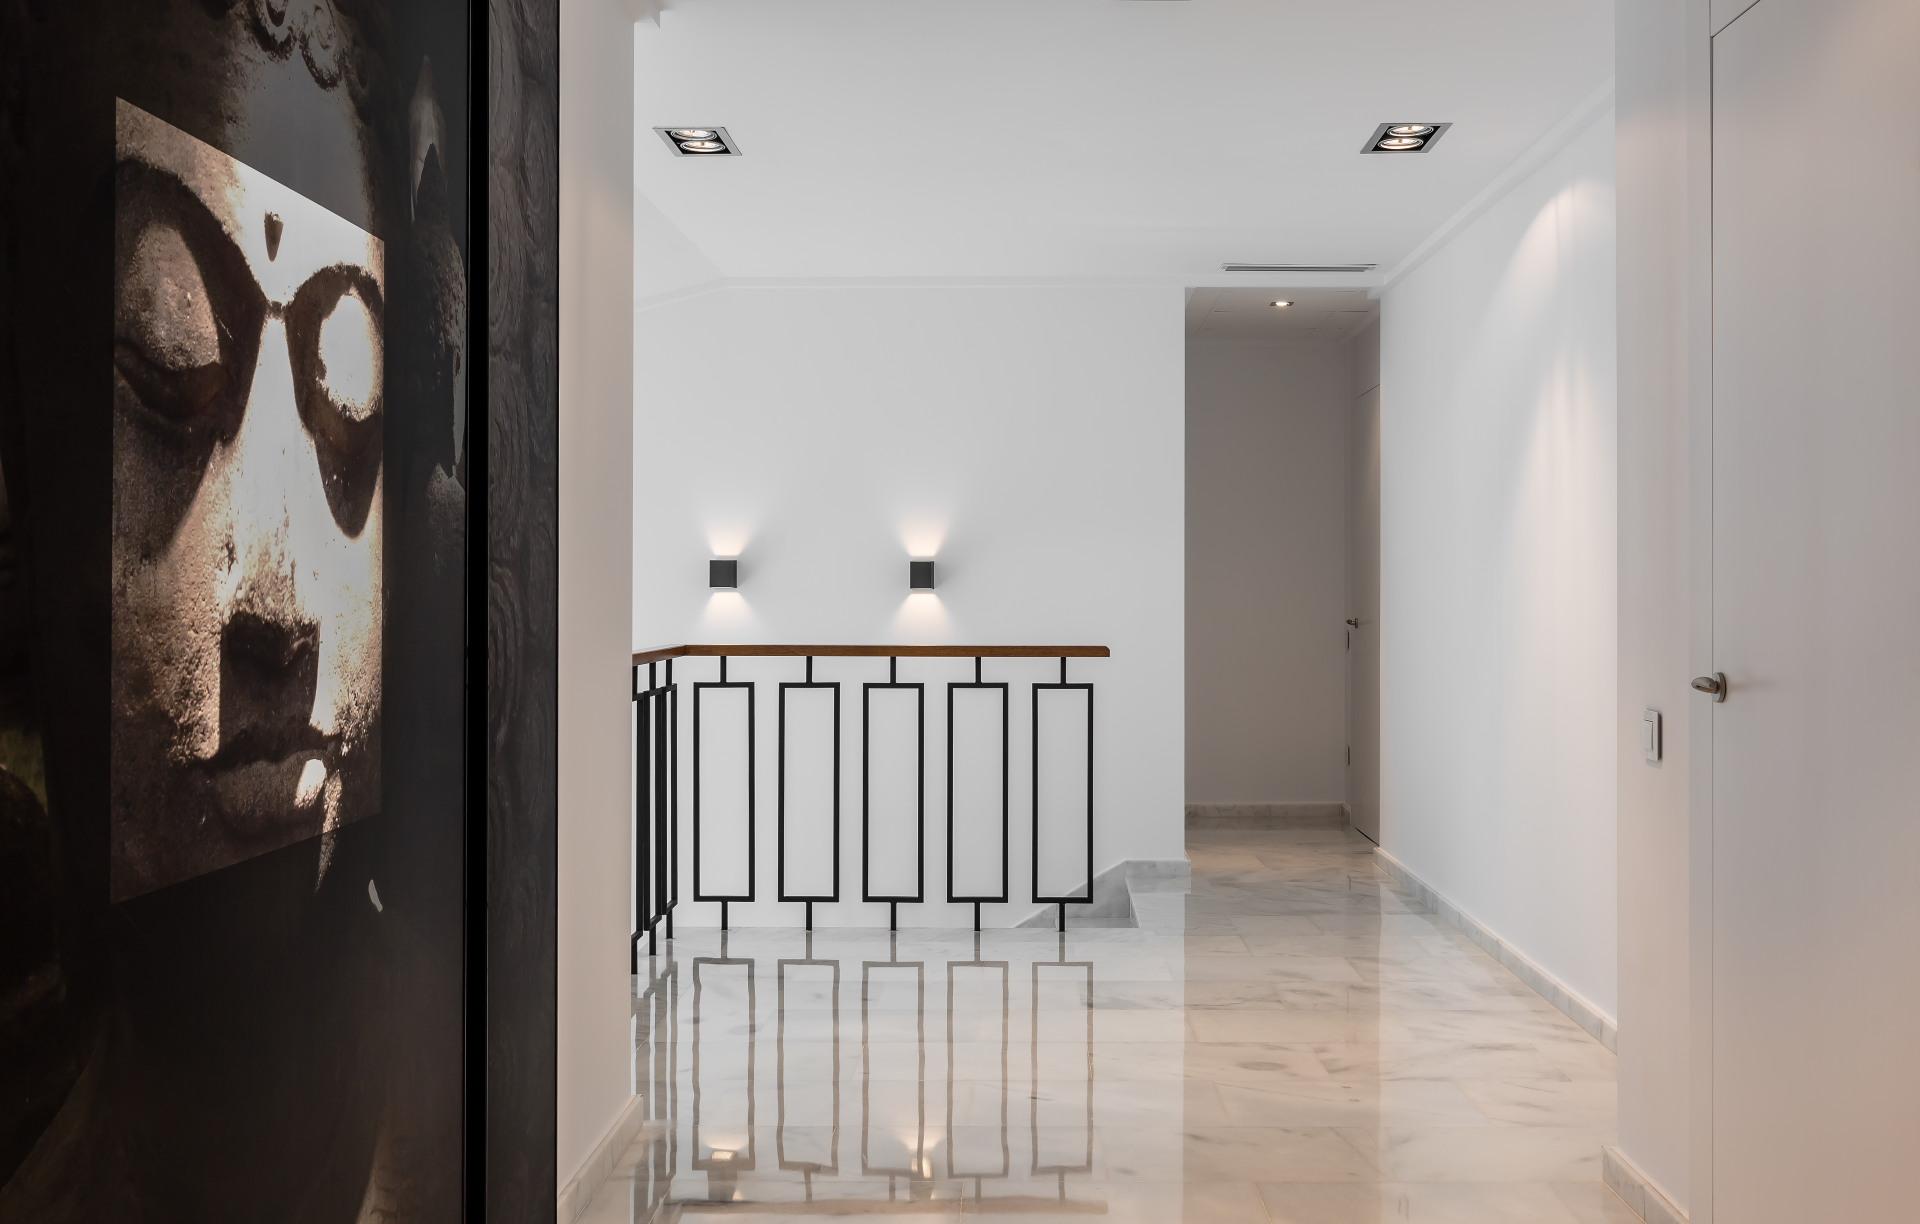 fotografia-arquitectura-interiorismo-valencia-alicante-moraira-german-cabo-laura-yerpes (31)